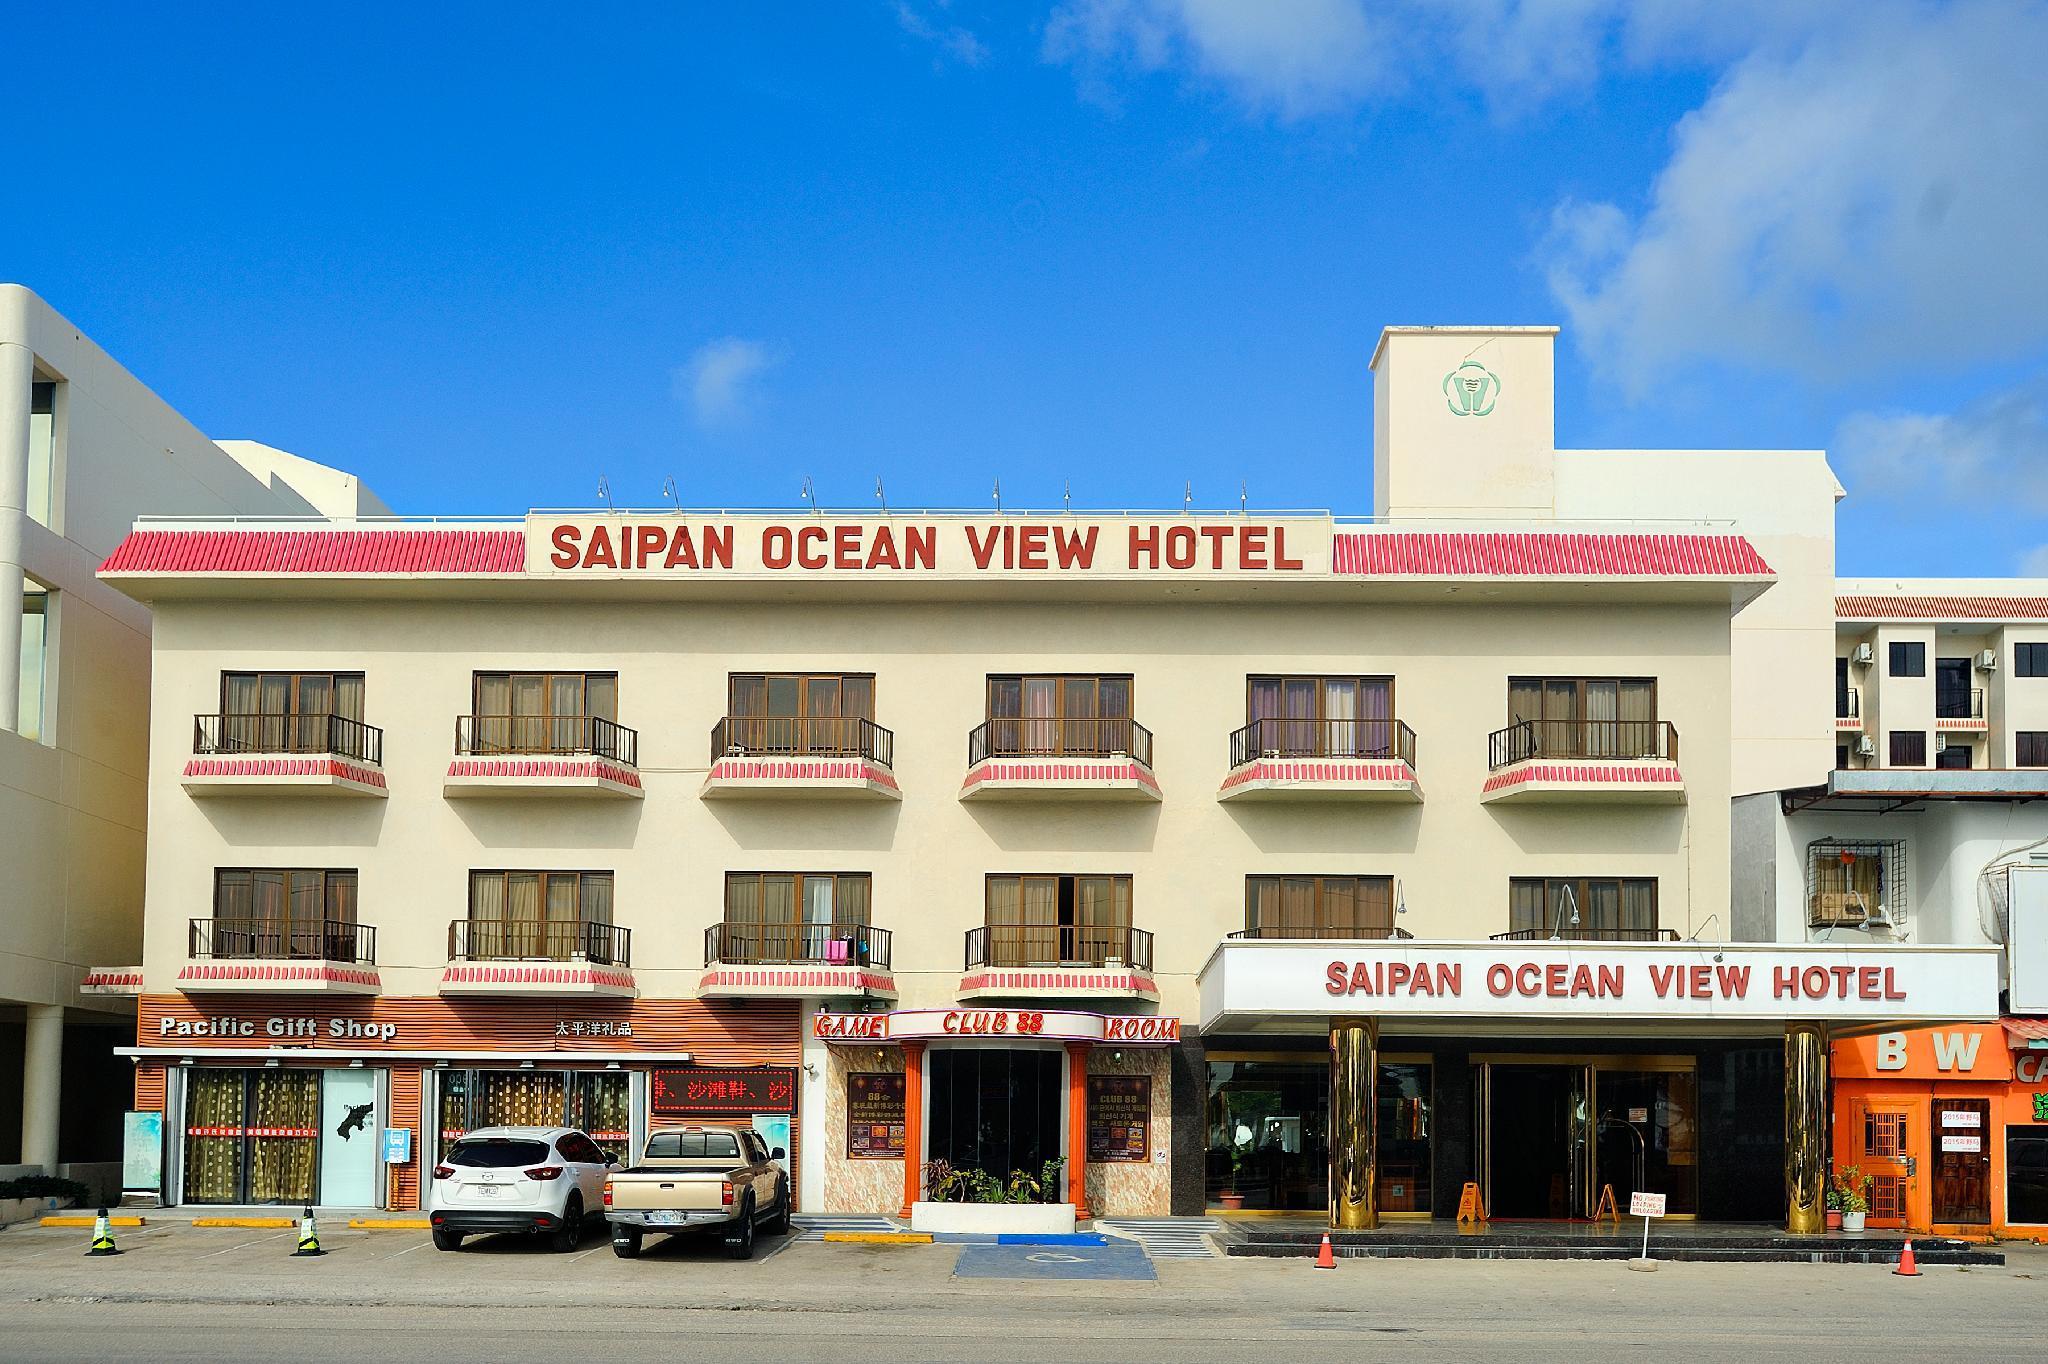 Saipan Ocean View Hotel